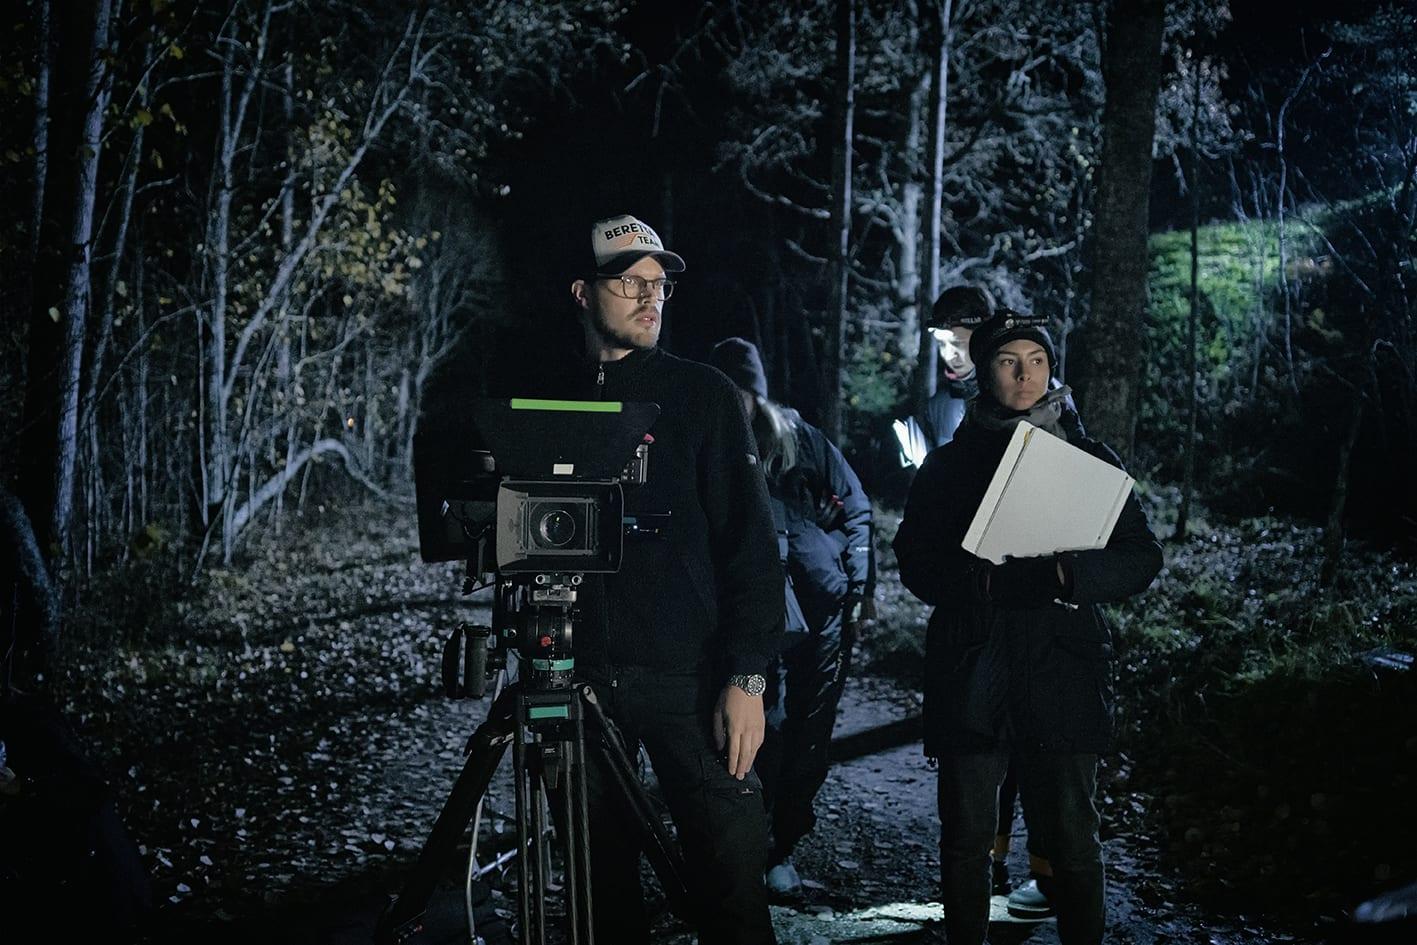 Film shooting in the dark